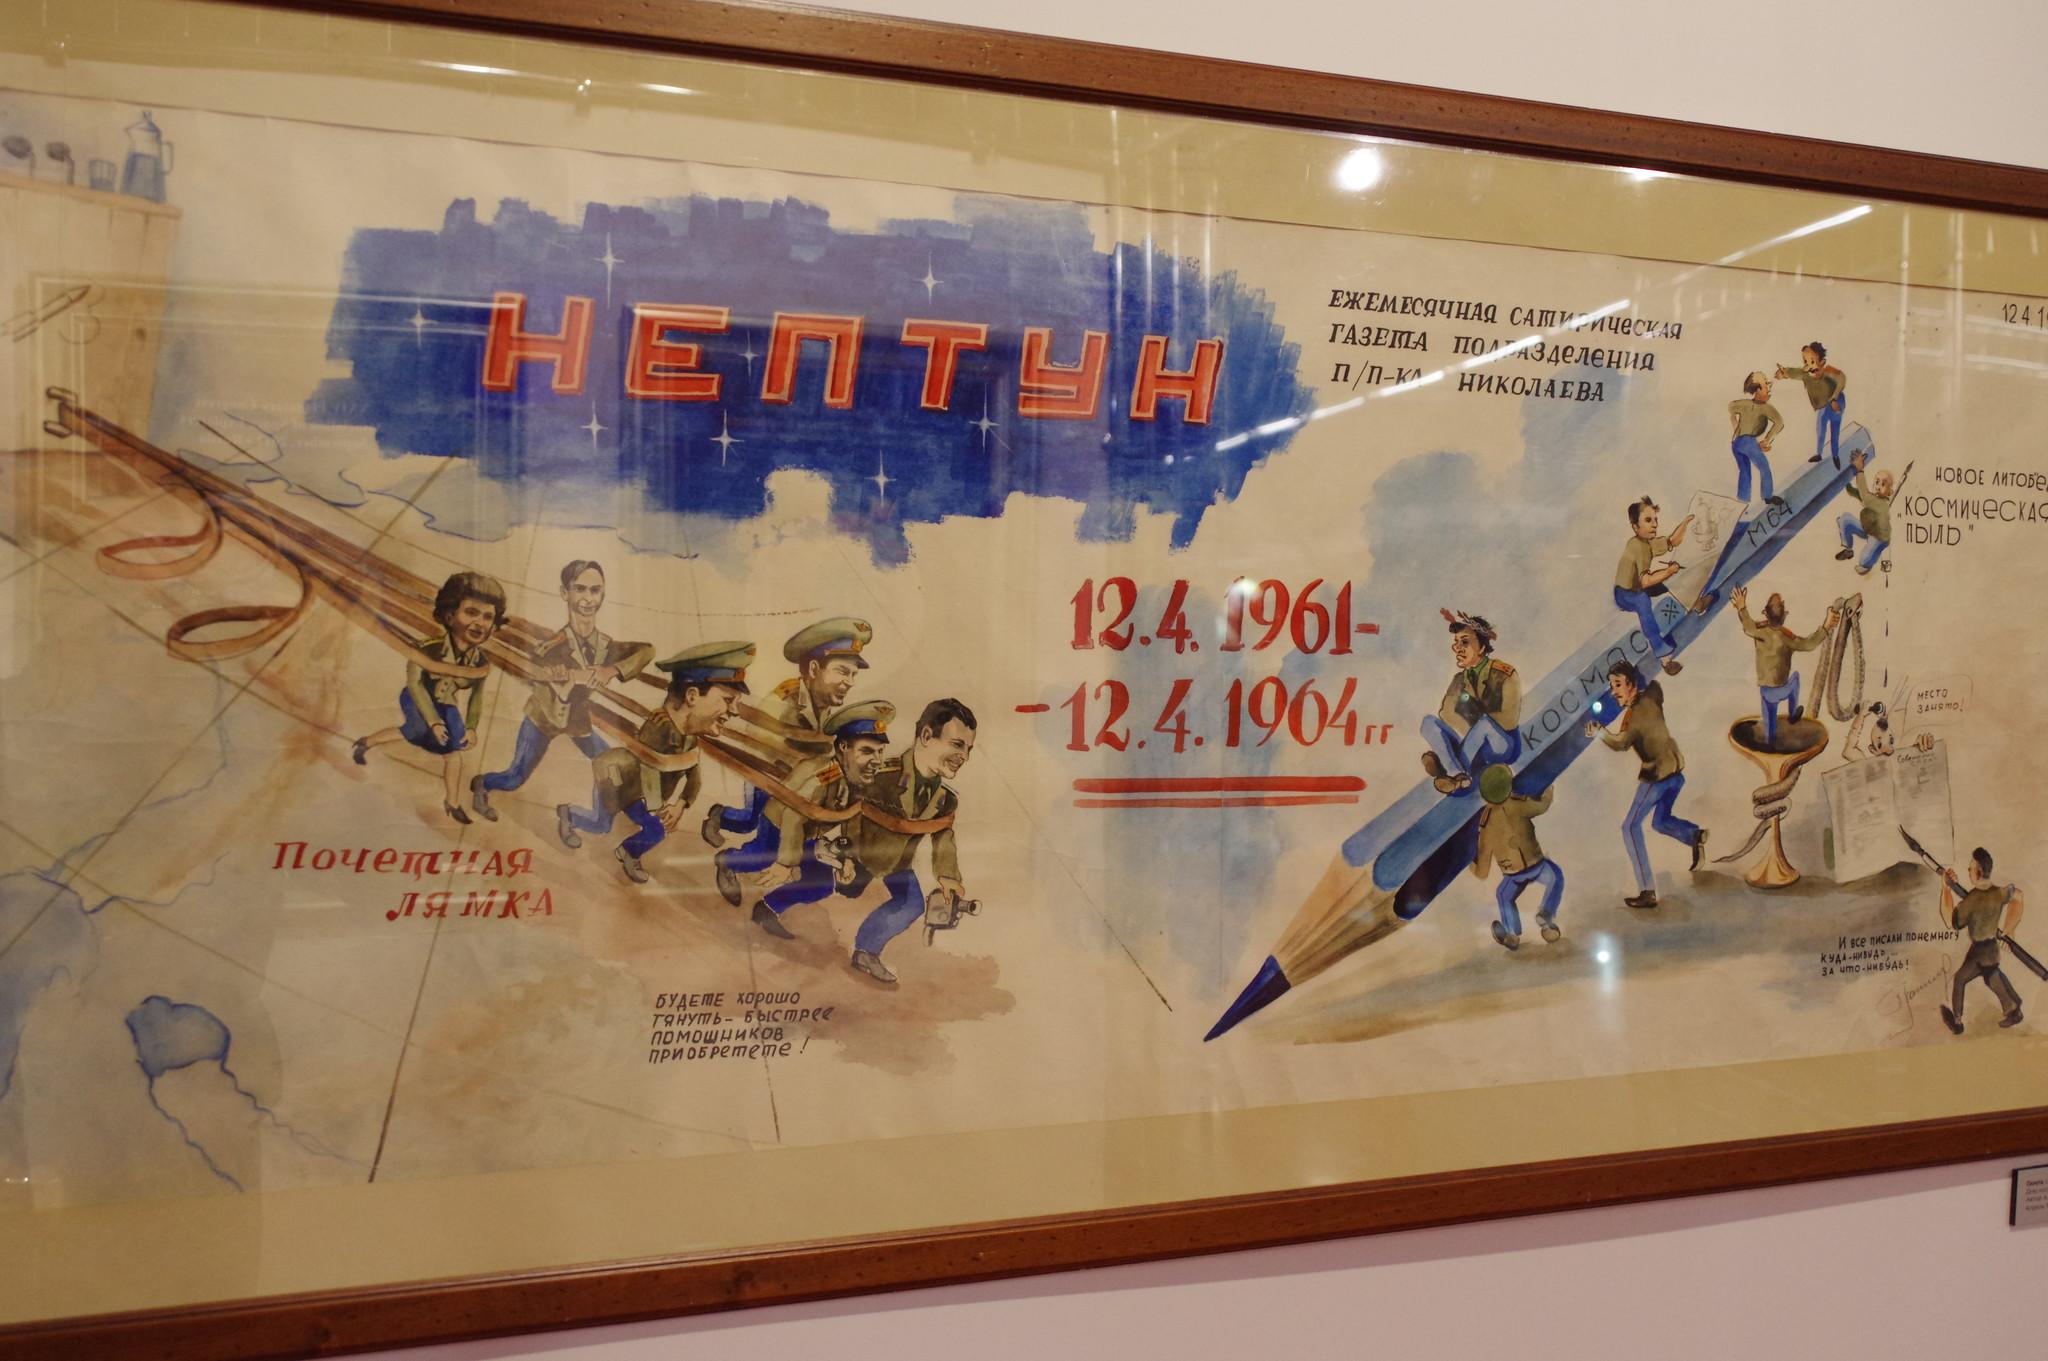 Ежемесячная сатирическая газета «Нептун» подразделения подполковника Николаева. Мемориальный музей космонавтики (Проспект мира, дом 111)